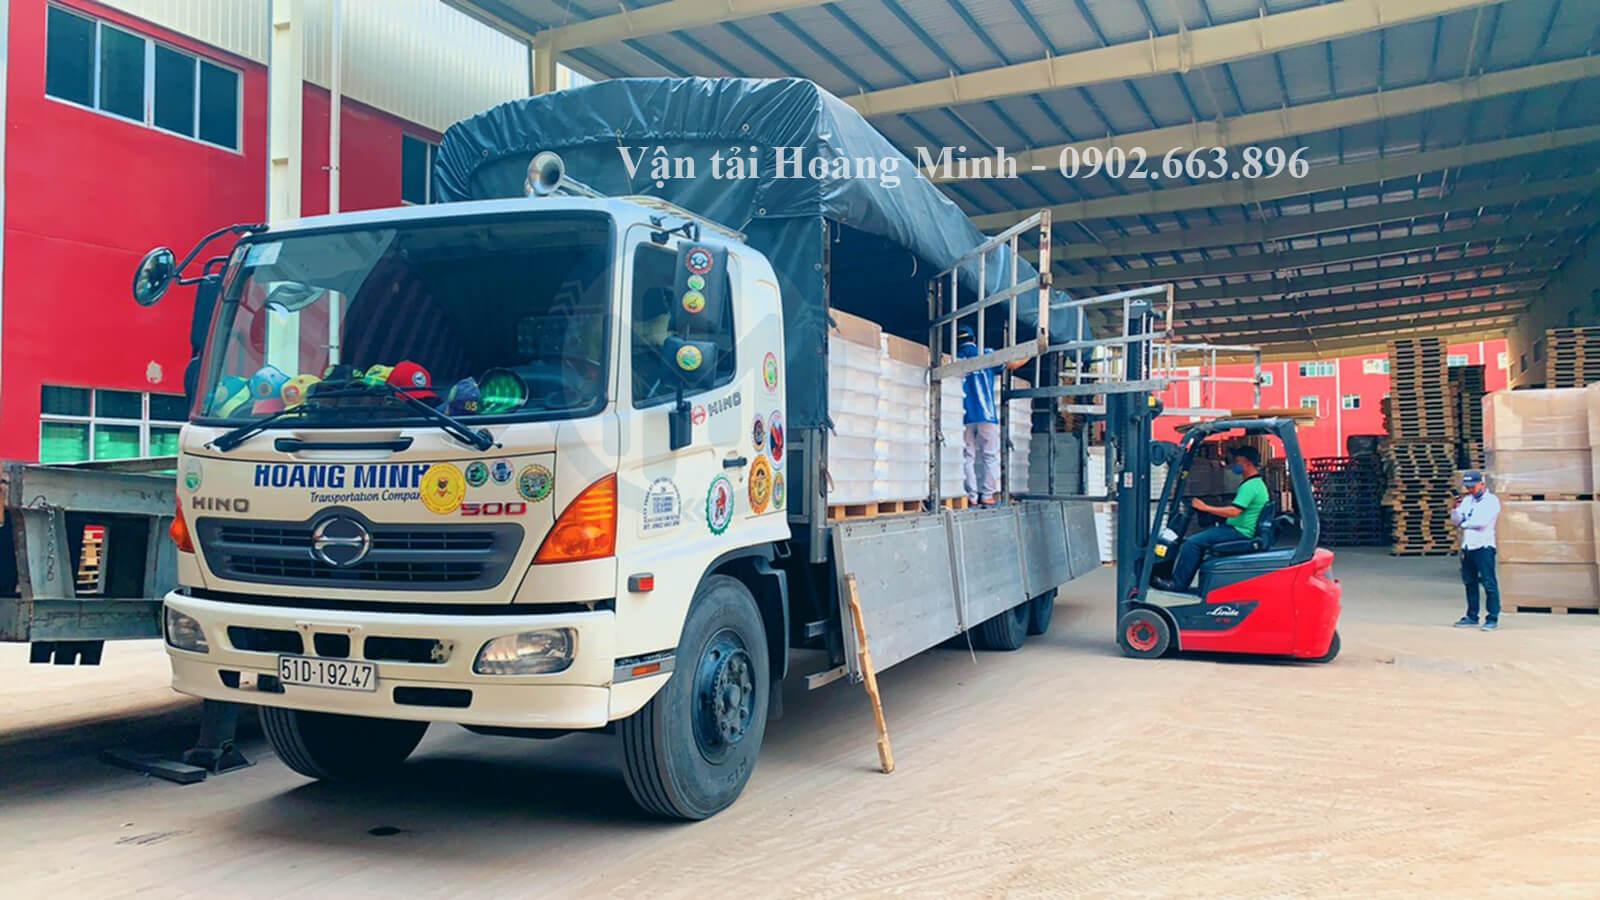 dịch vụ vận chuyển hàng hoá tại tphcm của vận tải hoàng minh